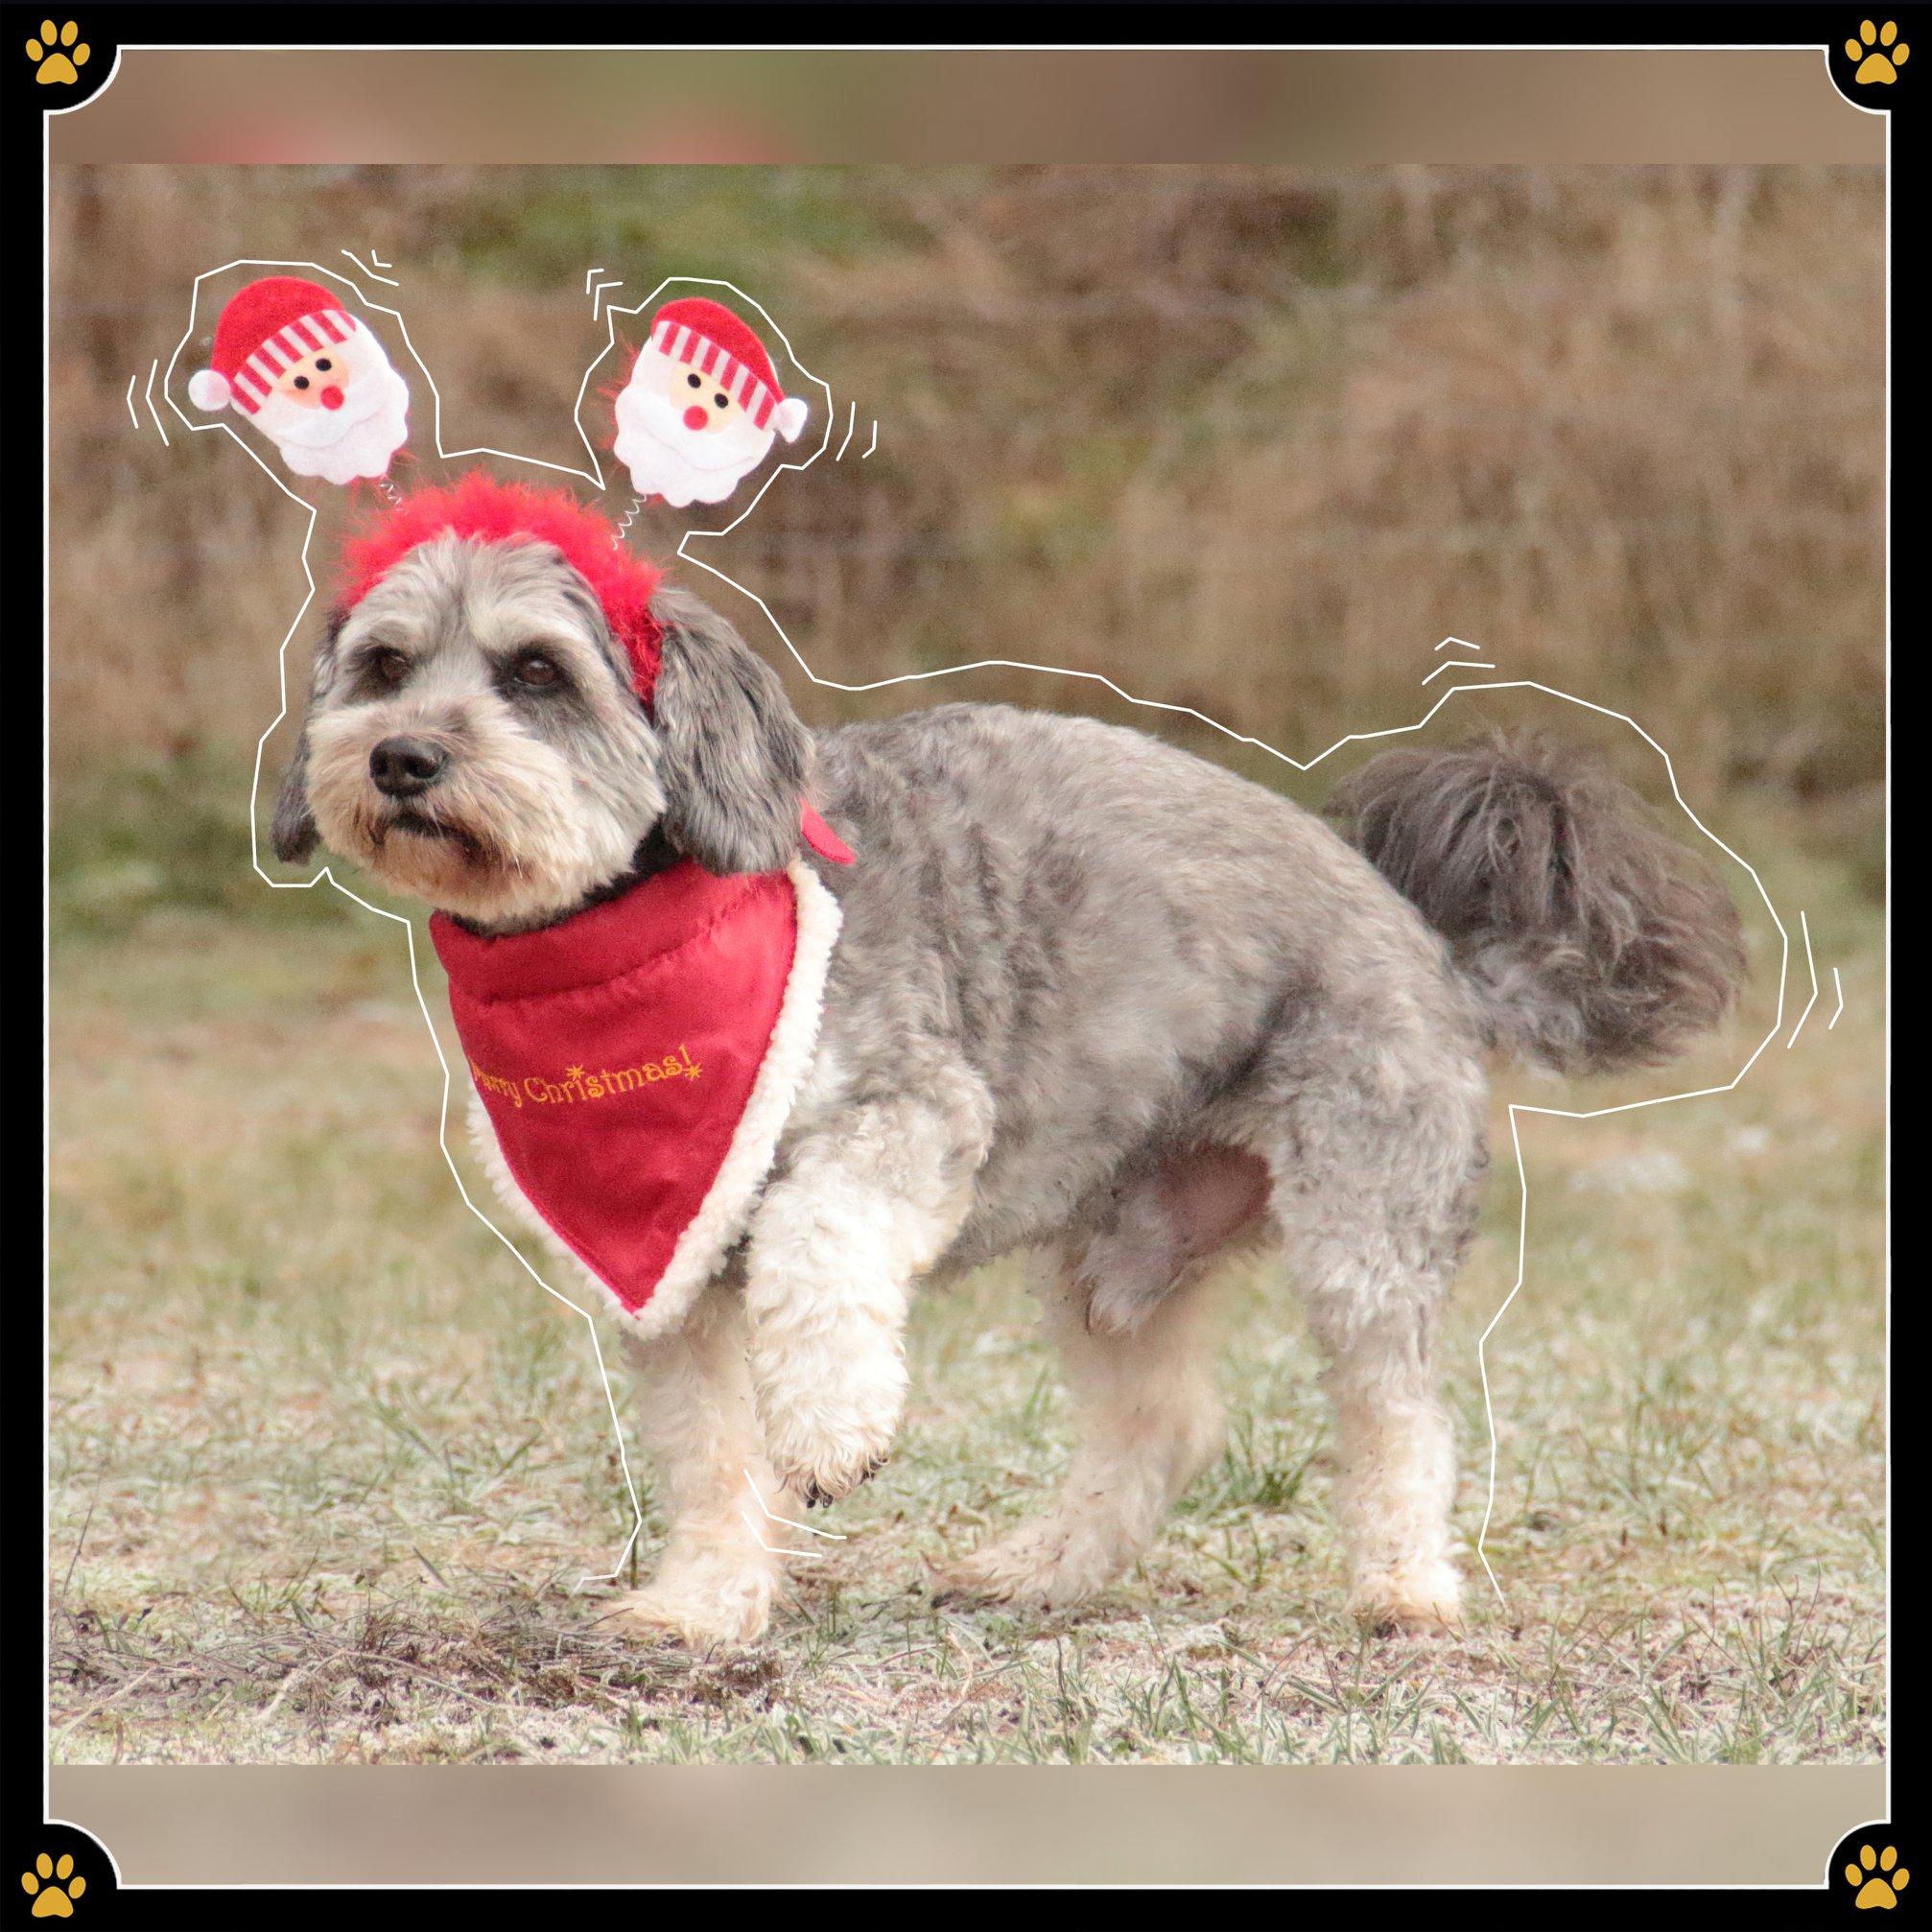 """4. Dezember - So süß, wie ein Hund in einem Kostüm auch aussehen mag - man sollte sich im Klaren darüber sein, dass sich kein Tier in einem Ganzkörperkostüm wohlfühlt. Besonders nicht, wenn nur der Kopf und die Pfoten herausgucken.😖 Man kennt es von sich selbst – wenn die Jacke klemmt und auch nach 10 Minuten nicht aufgehen will geraten wir in Panik. Bloß ziehen wir uns so etwas freiwillig an. Wenn ein Hund in ein einengendes Kostüm gezwängt wird, hat er weder eine Wahl, noch eine Möglichkeit herauszukommen. 🐕Von solchen Verkleidungen gilt es daher, aus tierfreundlicher Perspektive, Abstand zu halten.🙅Gegen ein Mäntelchen, einen """"Haarreif"""" oder ein Halstuch ist natürlich nichts einzuwenden, sofern diese mit Spiel und Spaß verbunden werden!💛"""